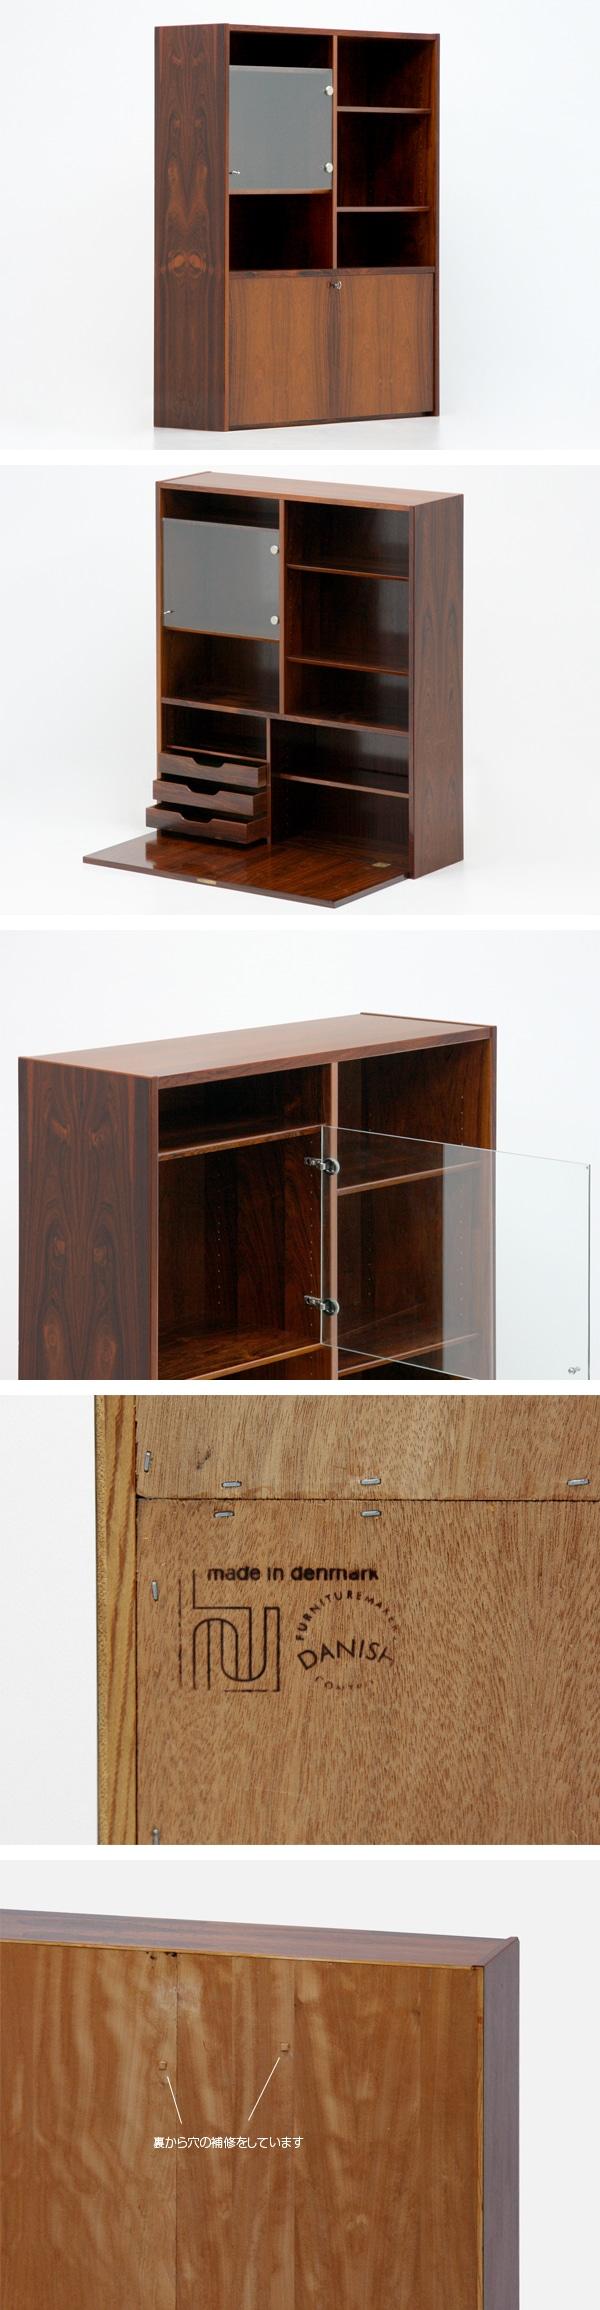 北欧家具,ビンテージ,シェルフ,本棚,ローズウッド材,デンマーク